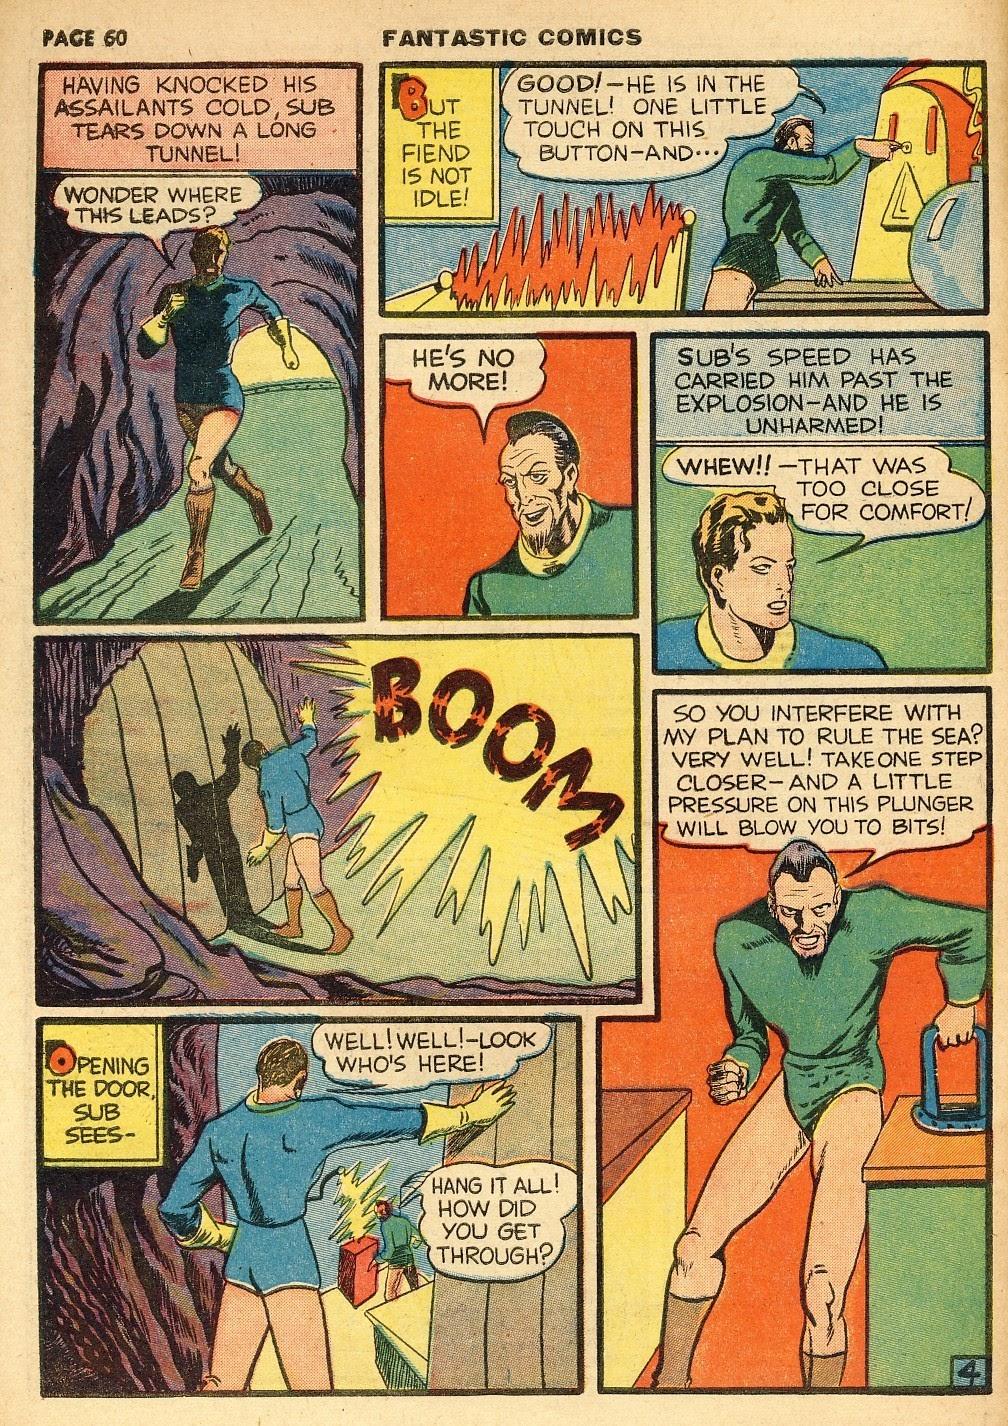 Read online Fantastic Comics comic -  Issue #10 - 61